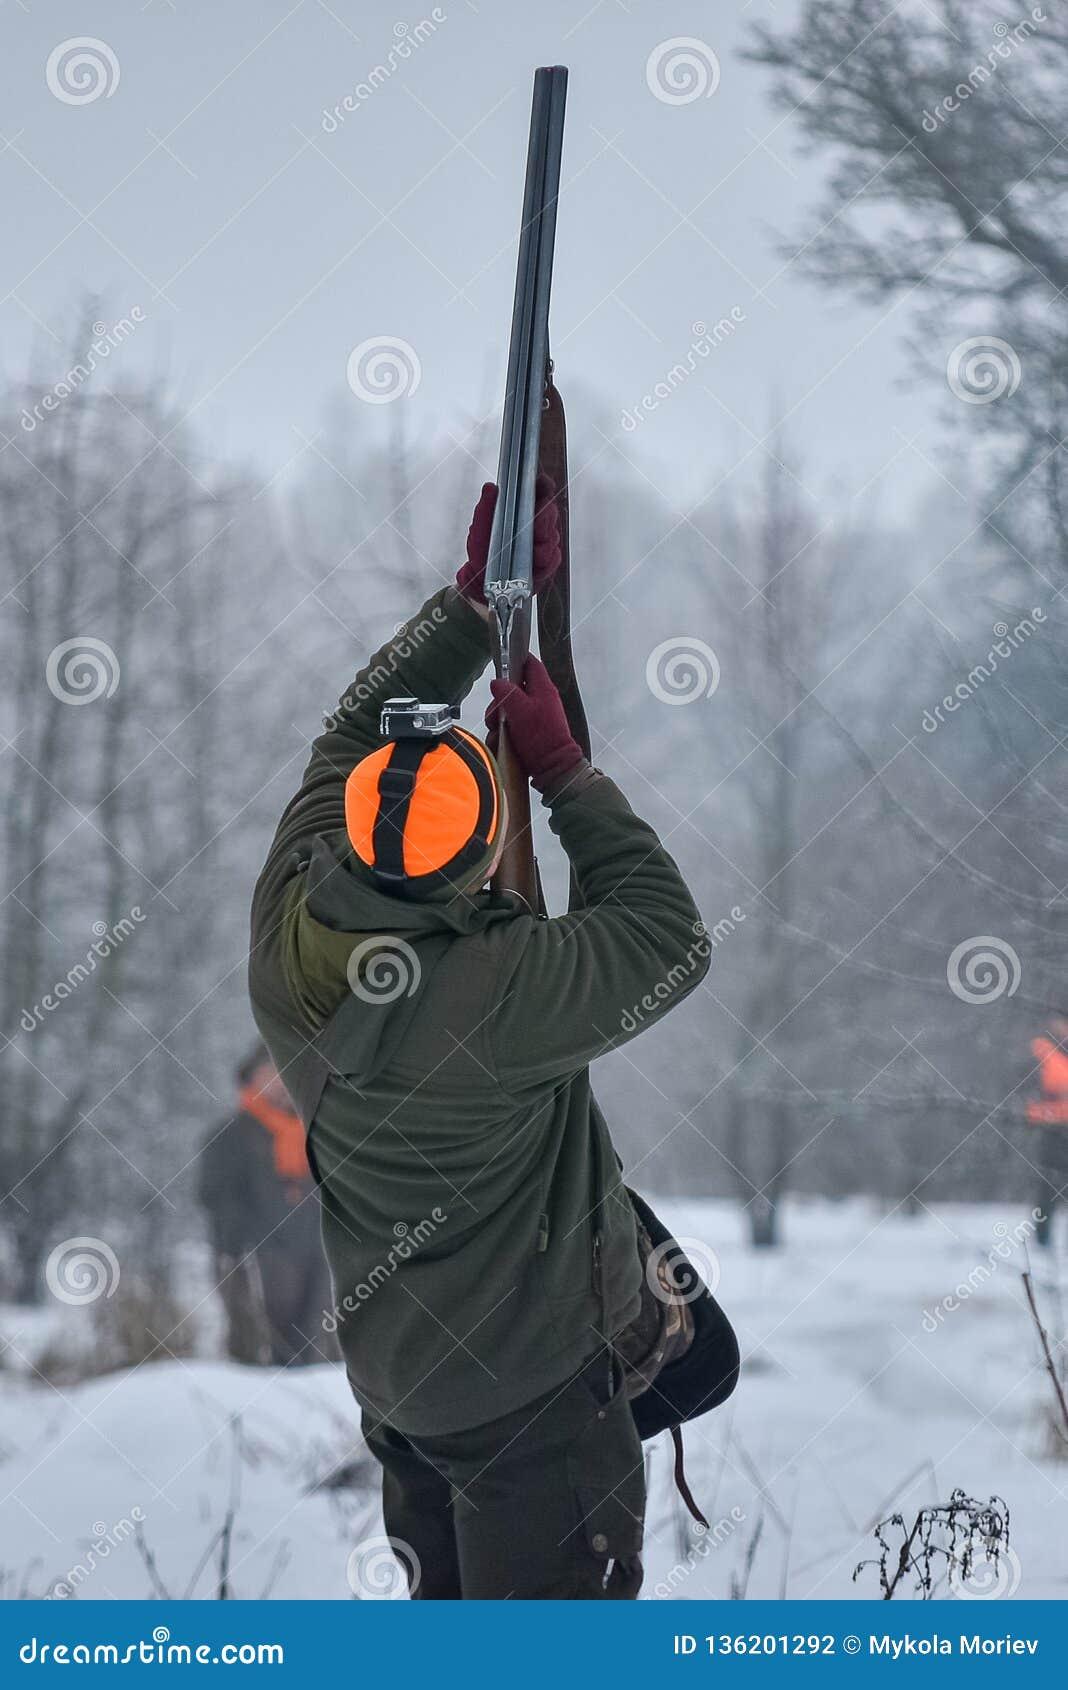 Saison de chasse, chasse d oiseau Le chasseur augmente rapidement les oiseaux volant au-dessus de lui